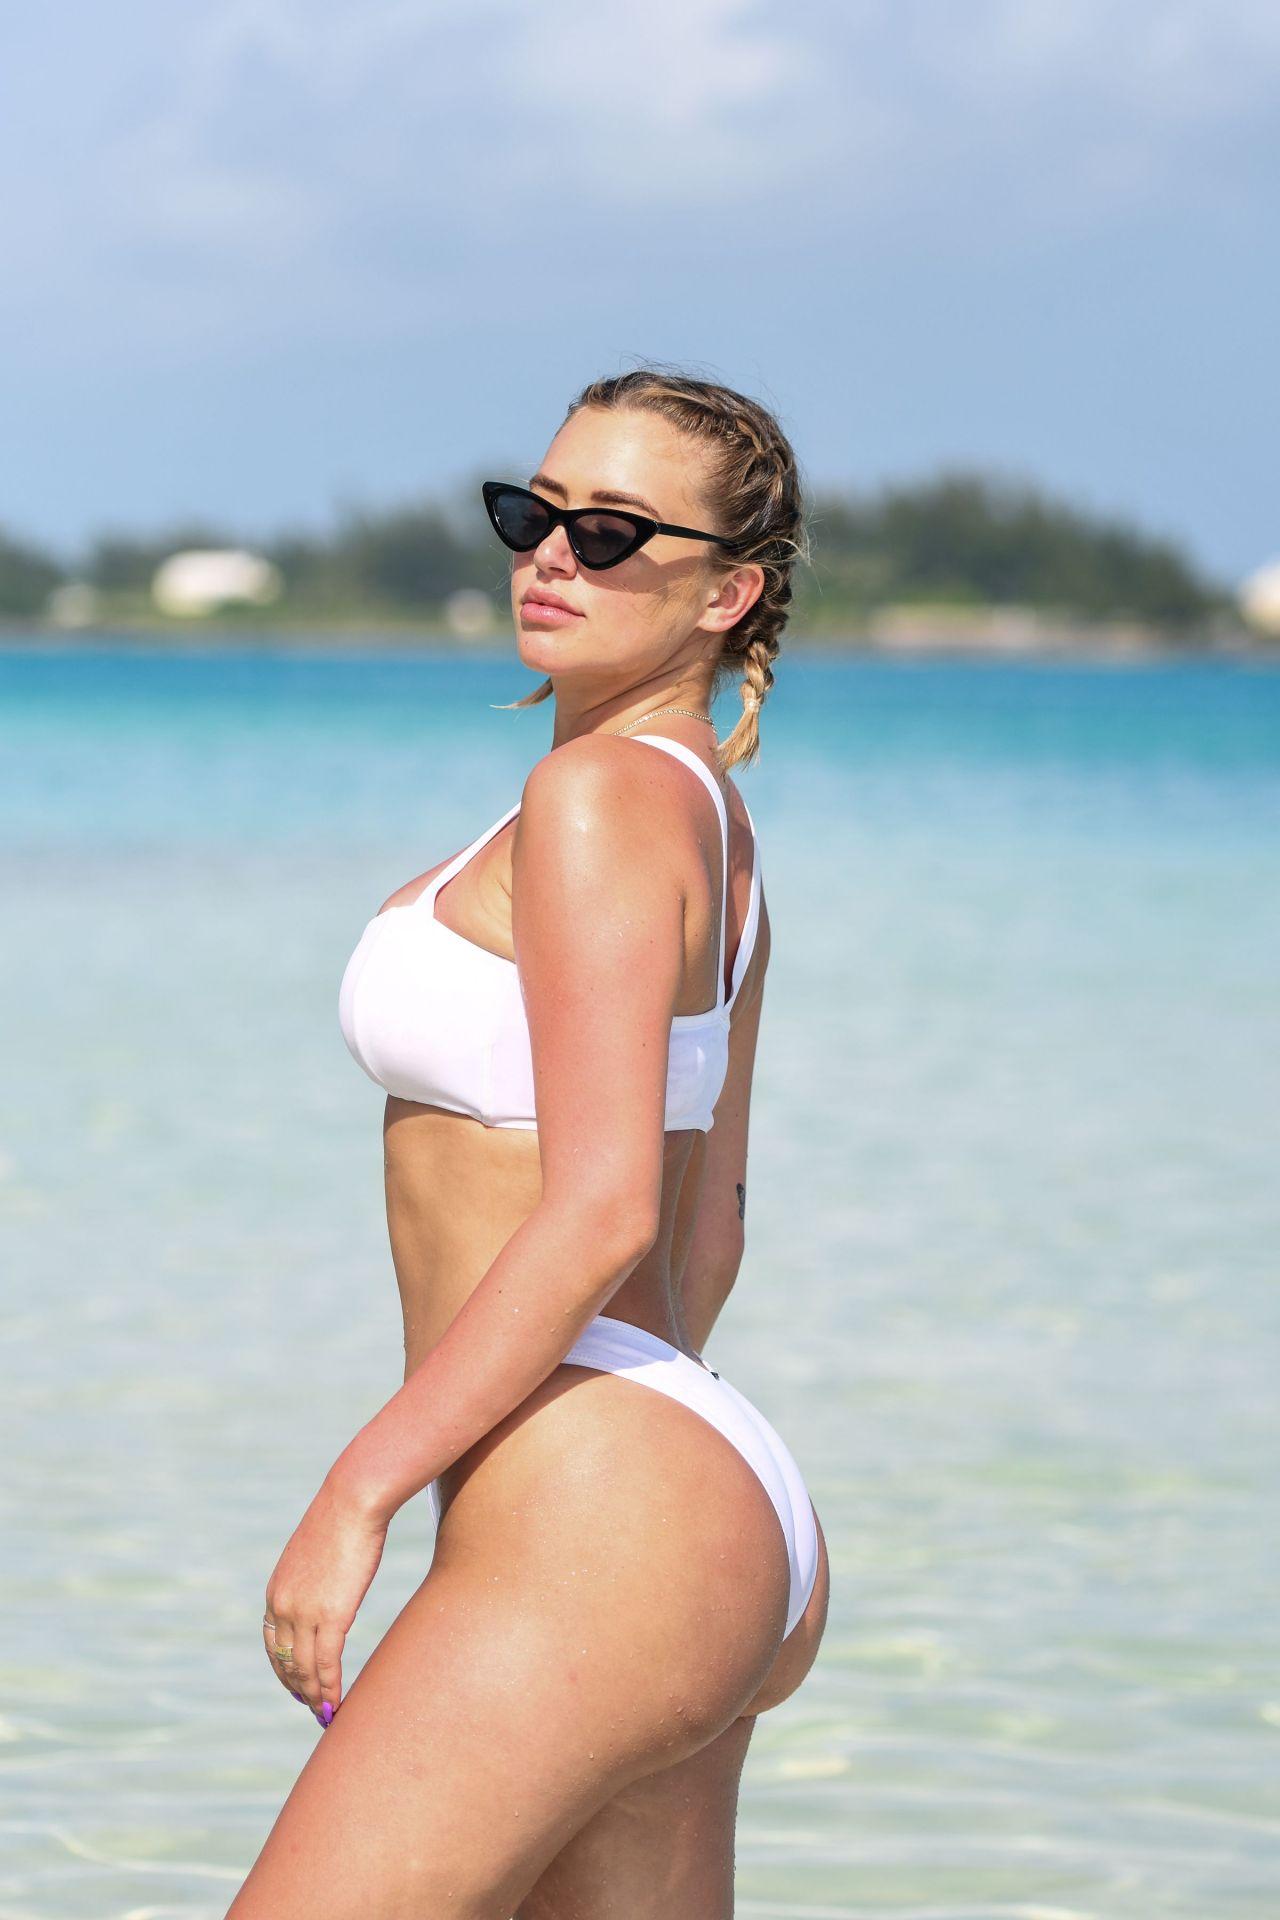 ab7a65a6b5301 Anastasia Karanikolaou in Bikini – Revolve Summer Event in Bermuda 07 17  2018